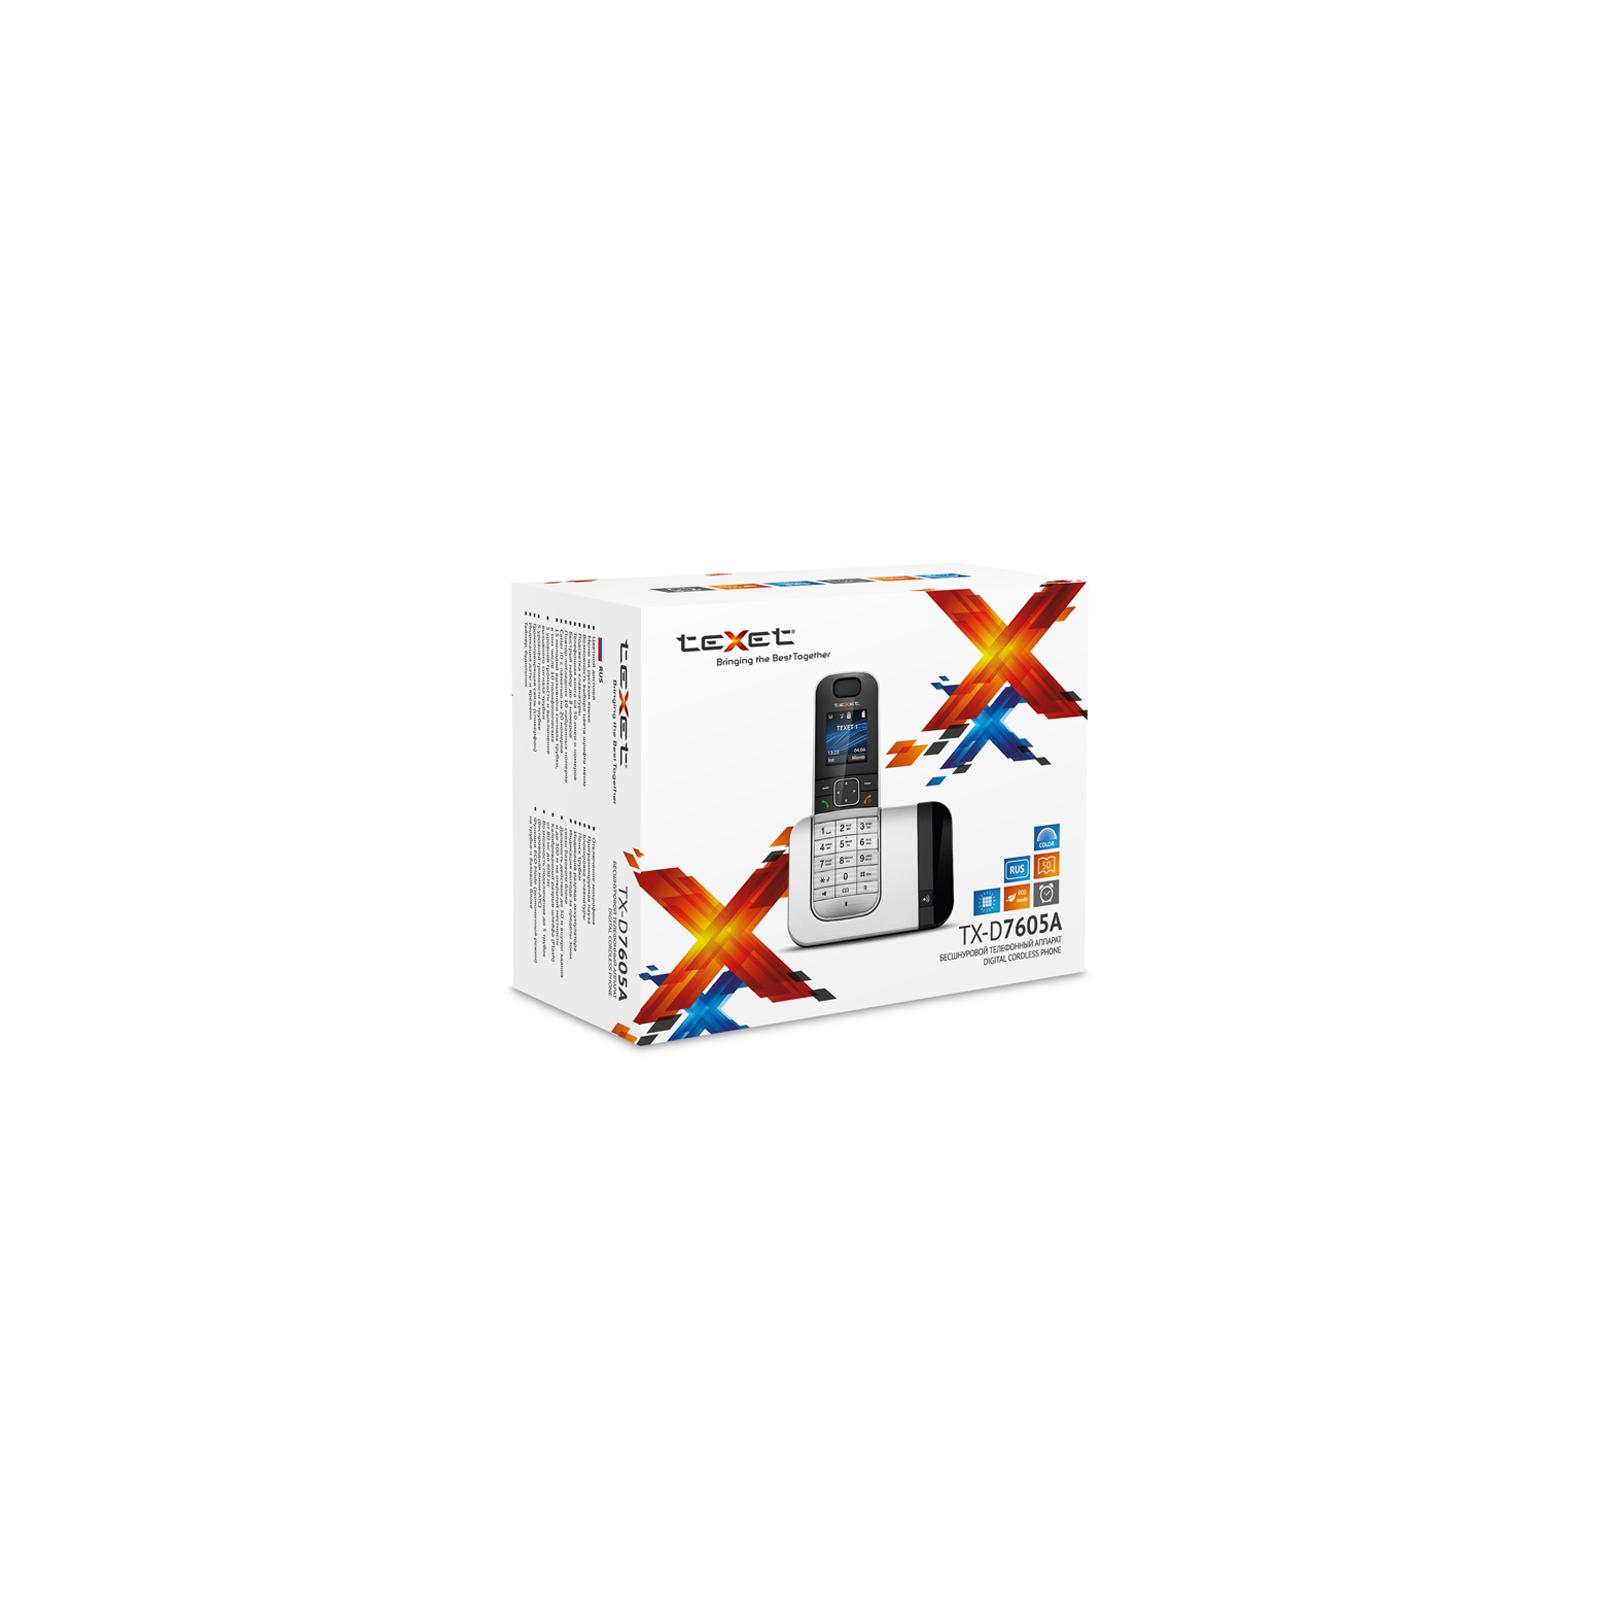 Телефон DECT TEXET TX-D7605A Black-Silver (TX-D7605A) изображение 3